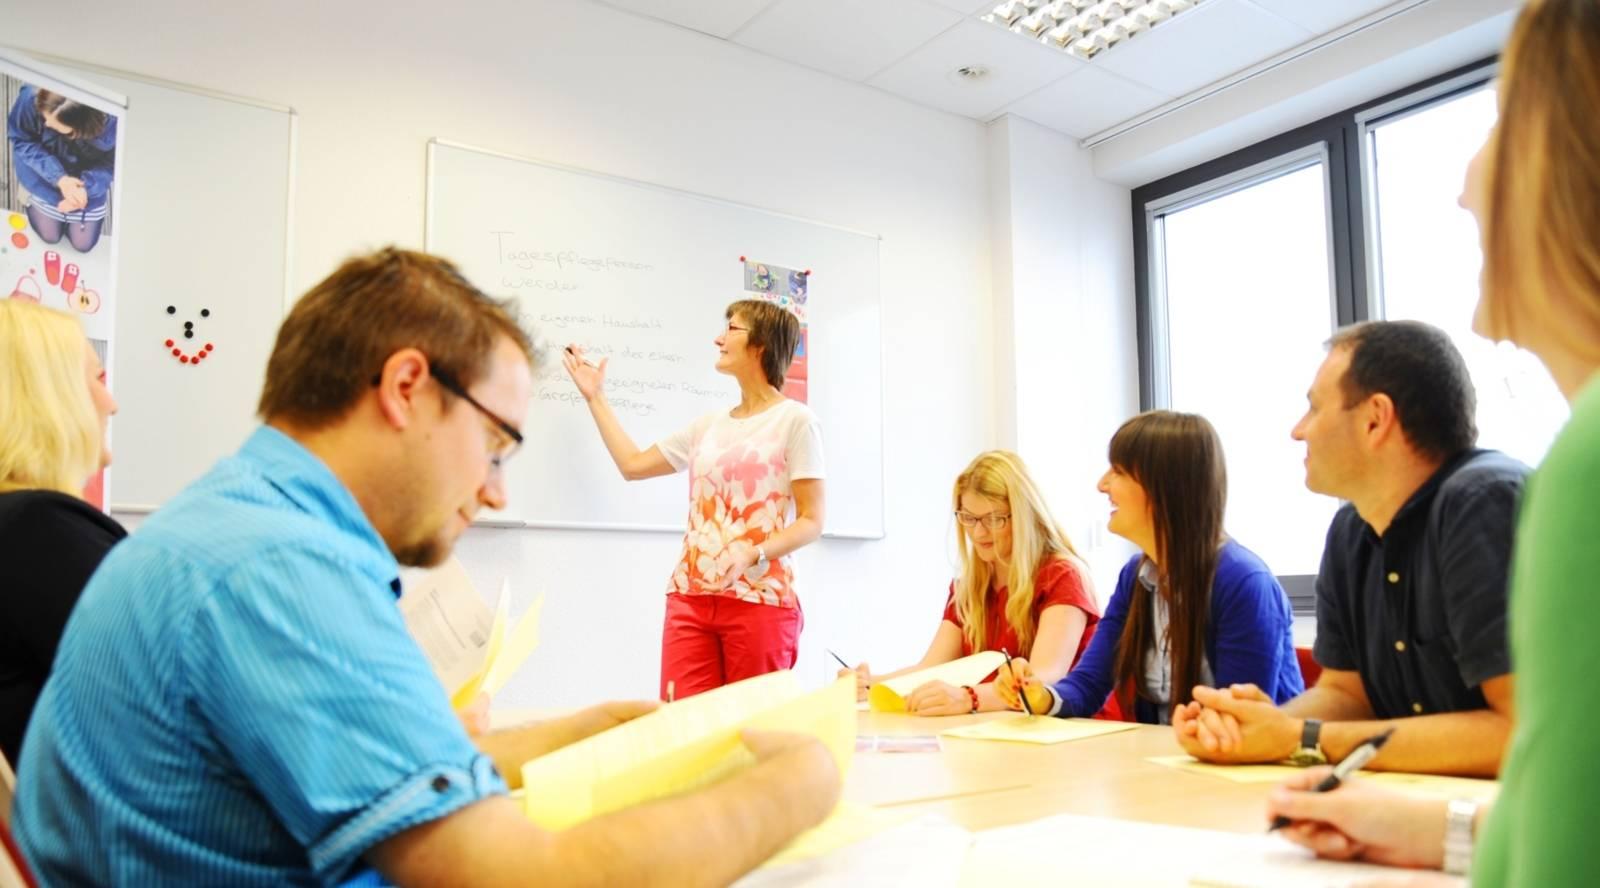 Menschen in einem Besprechungsraum beim Unterricht.